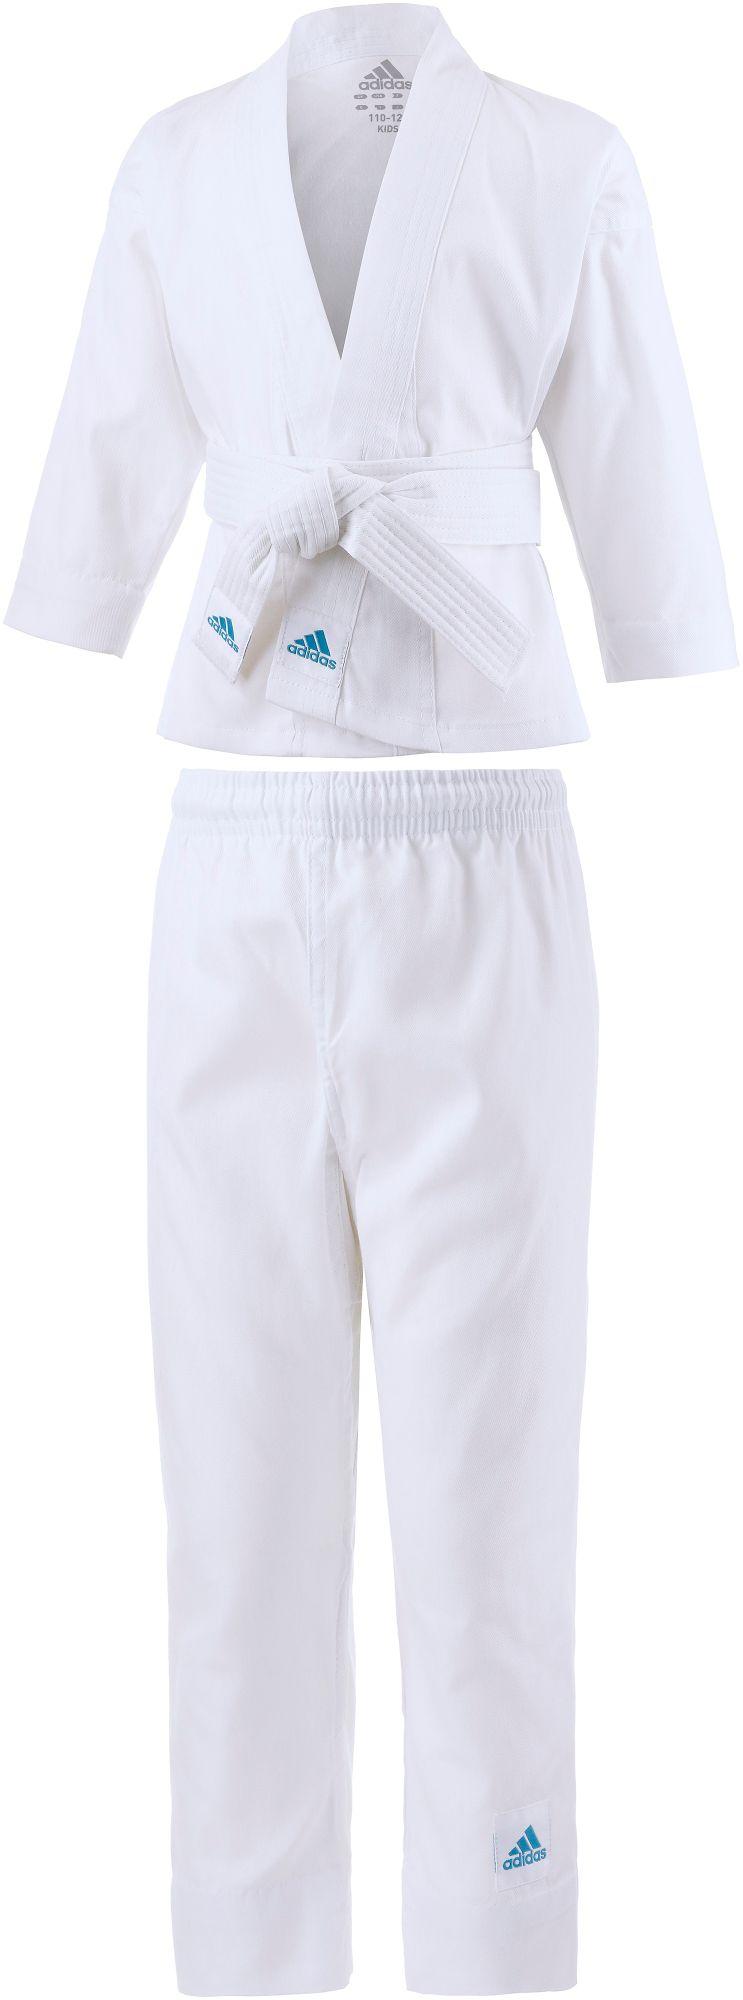 Bild adidas Karateanzug Kinder